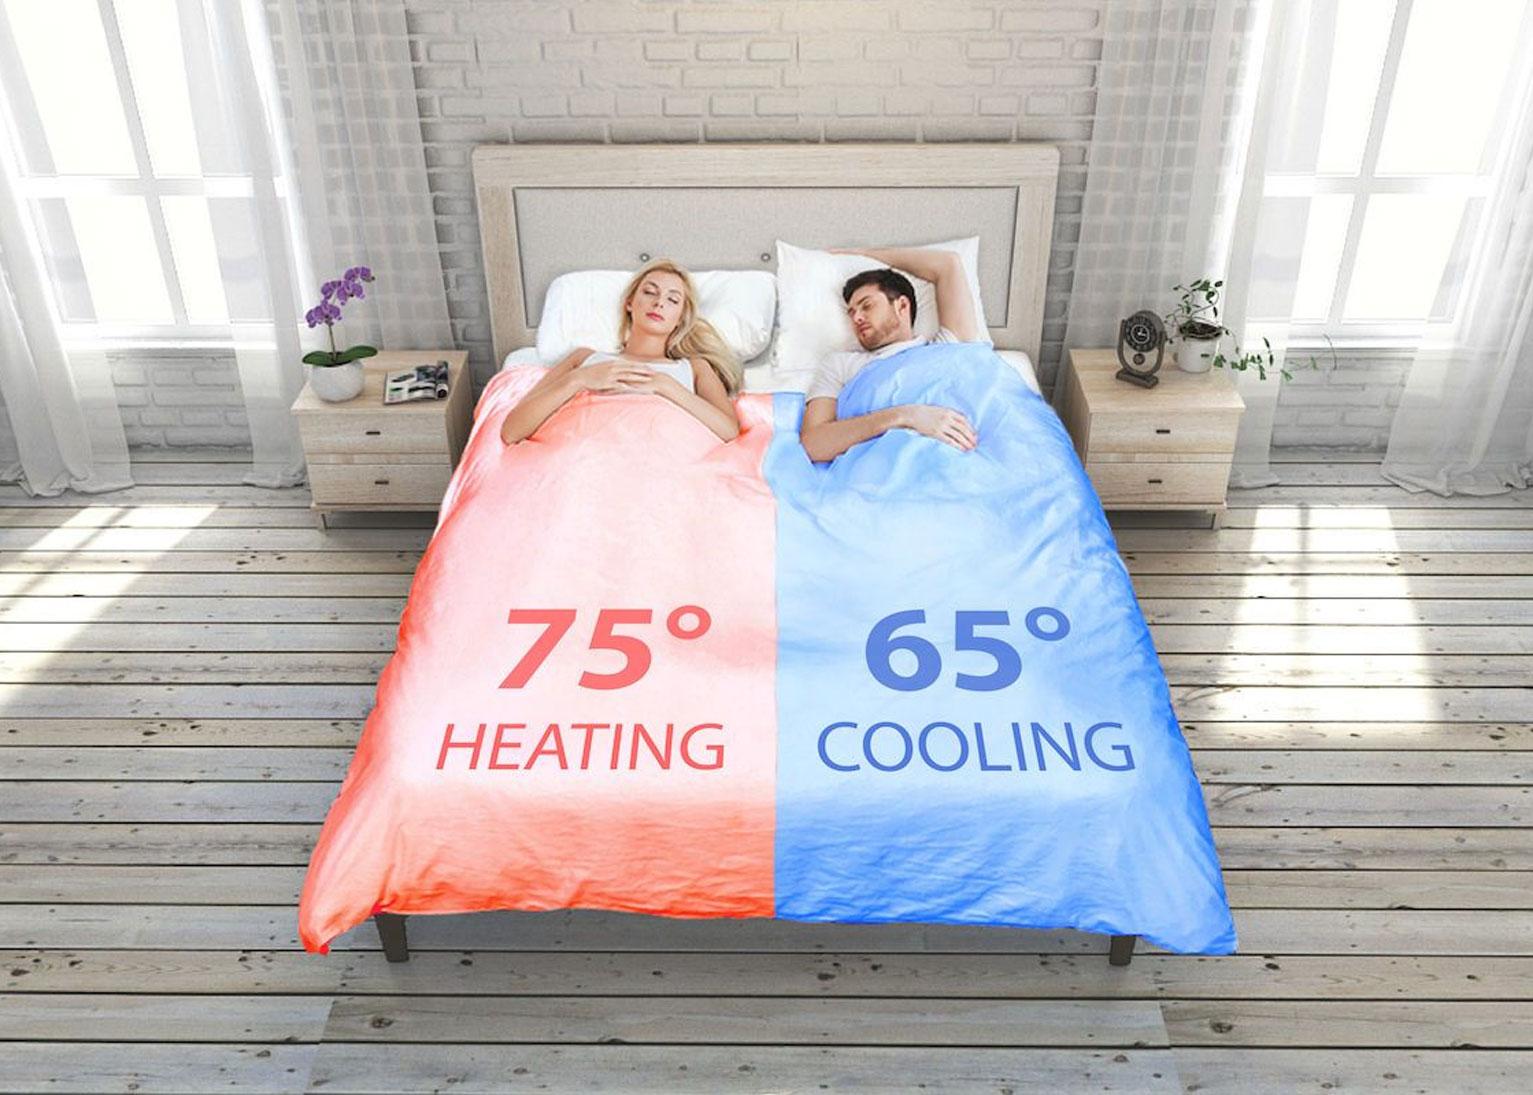 Edredom Que Ajusta a Temperatura De Cada Lado Promete Solucionar Um Dos Grandes Problemas Dos Casais 1